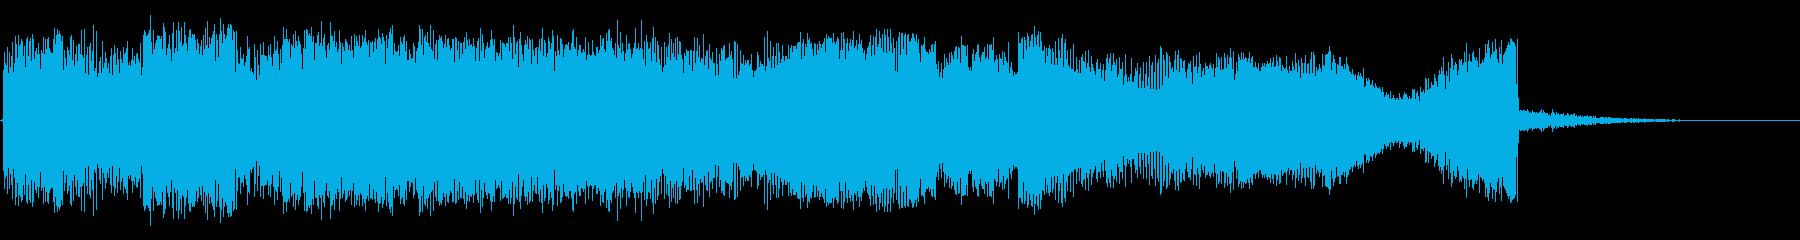 メロードラマの再生済みの波形